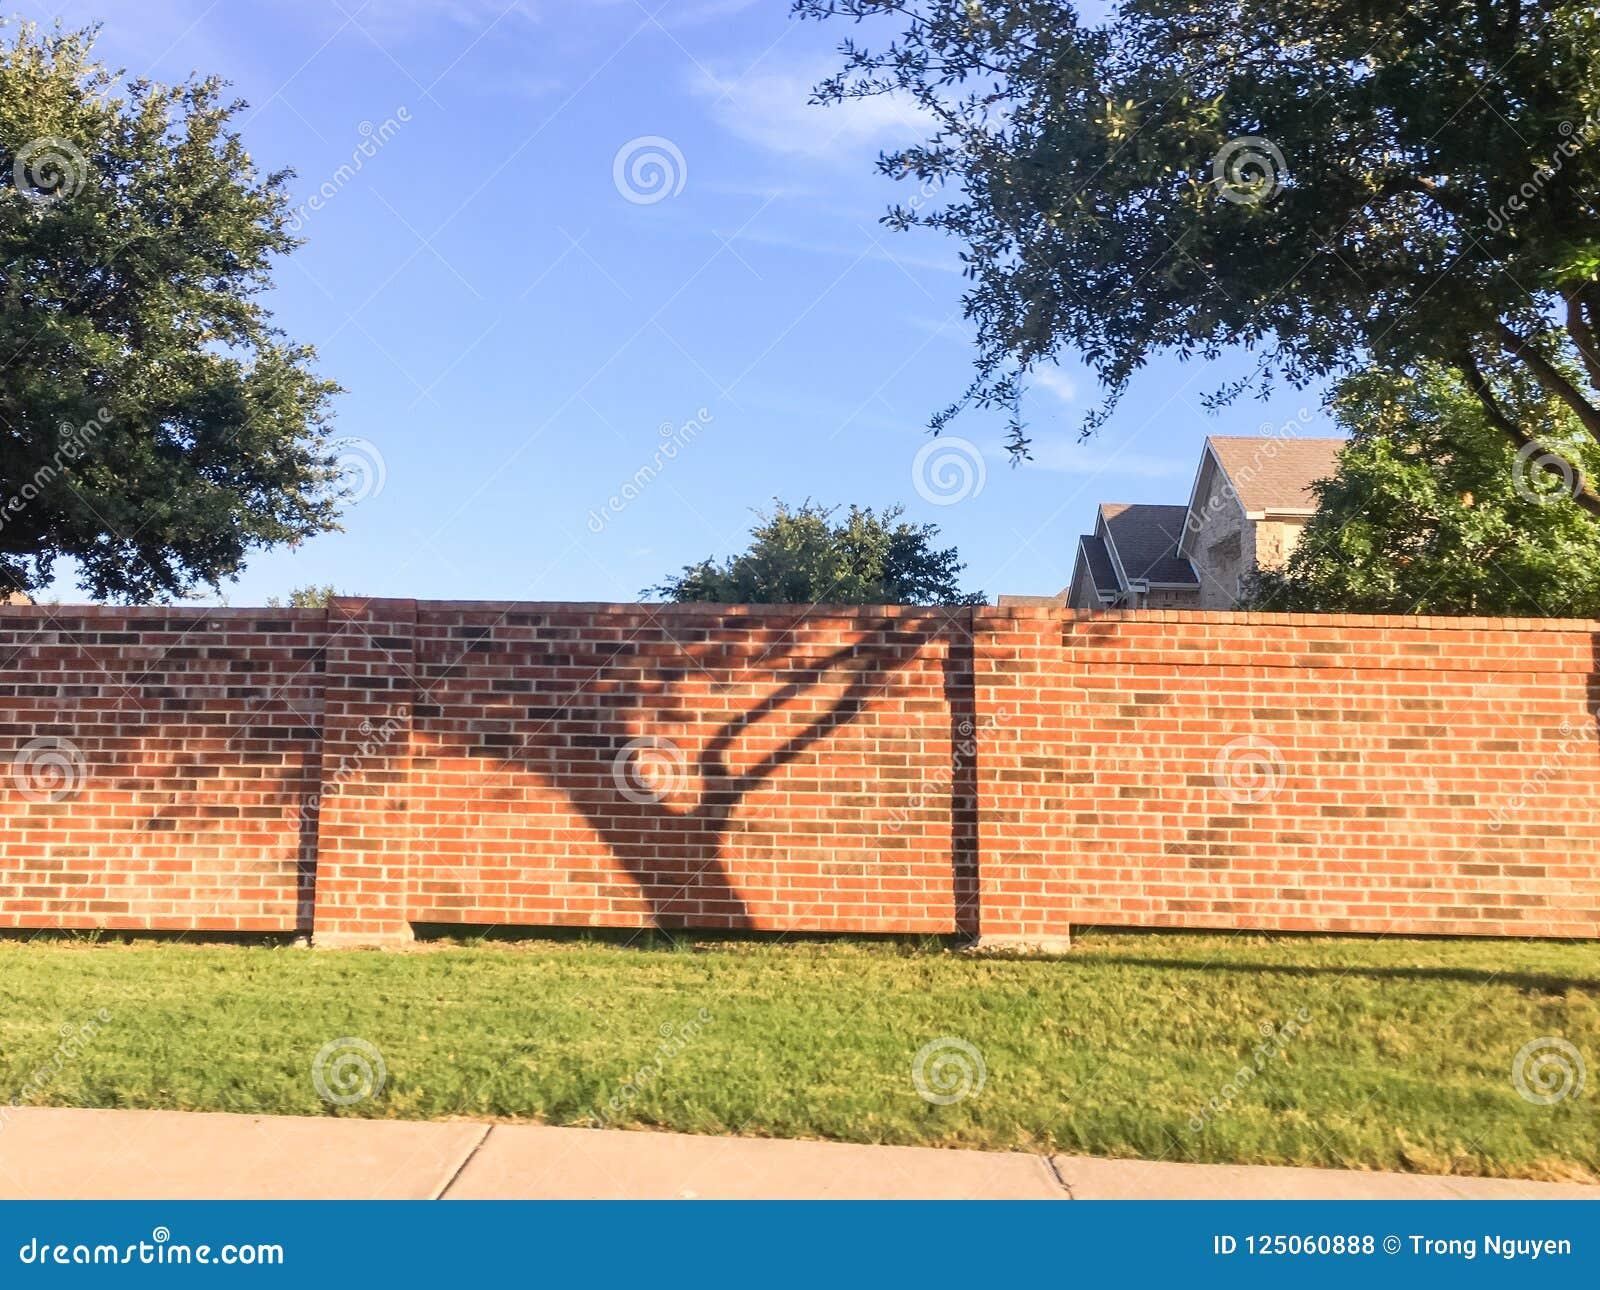 砖屏幕围住达拉斯堡垒的住宅房子相当区域价值,